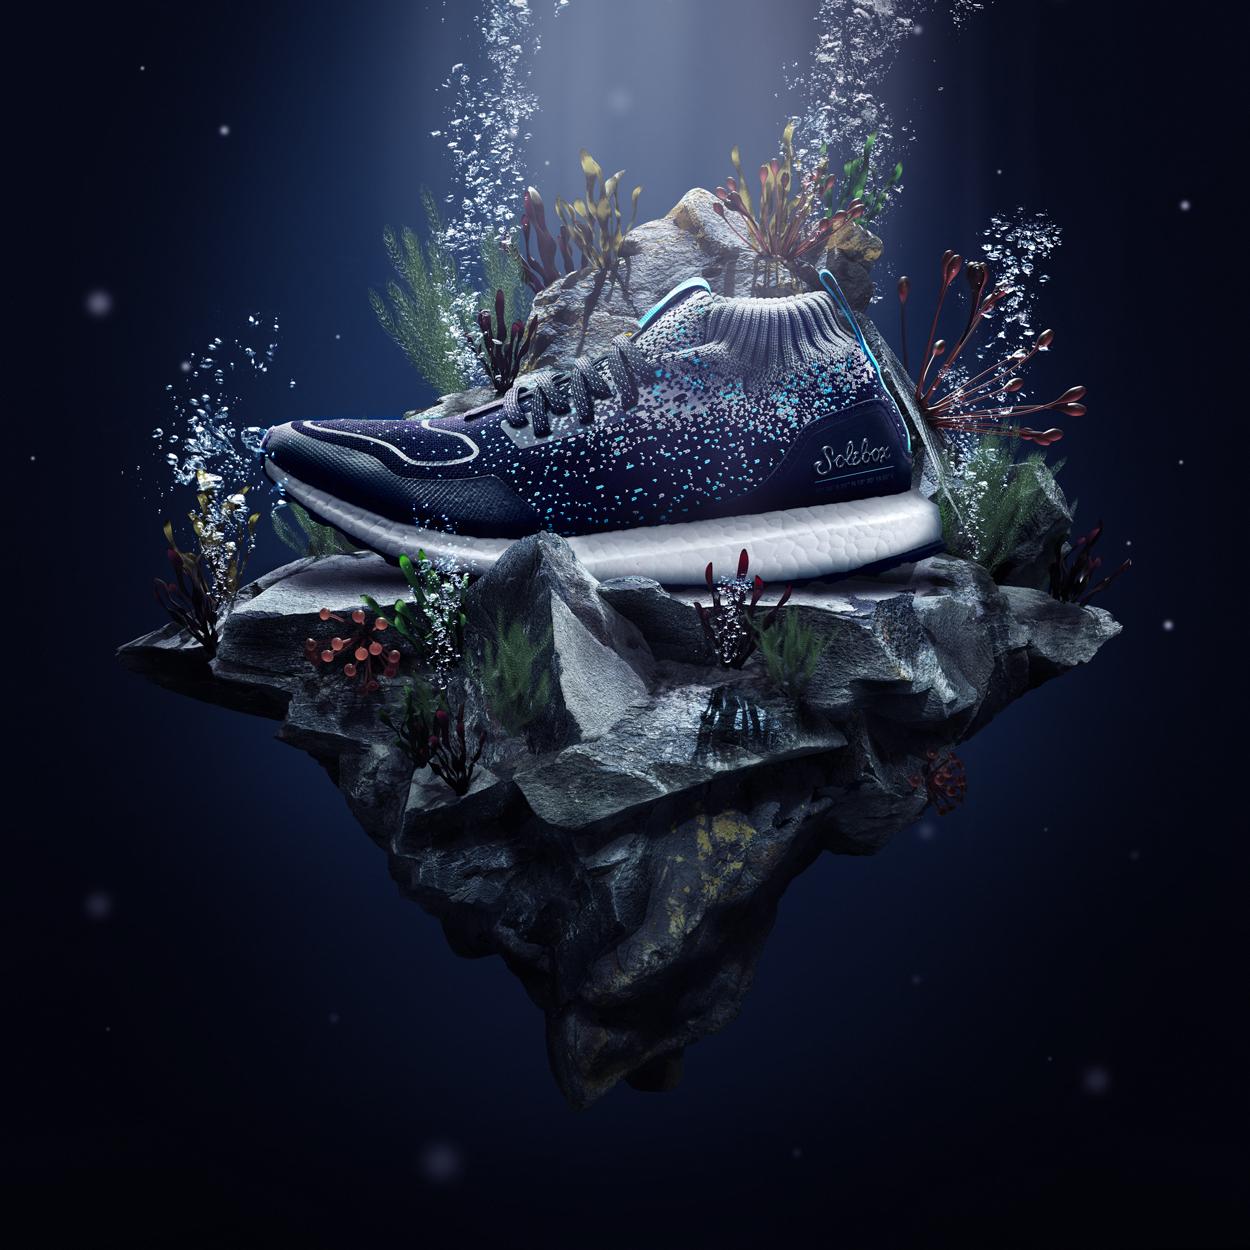 adidas Originals_Consortium_Packer X Solebox_TENIS ULTRA BOOST MID SE_R$999,99 (3)